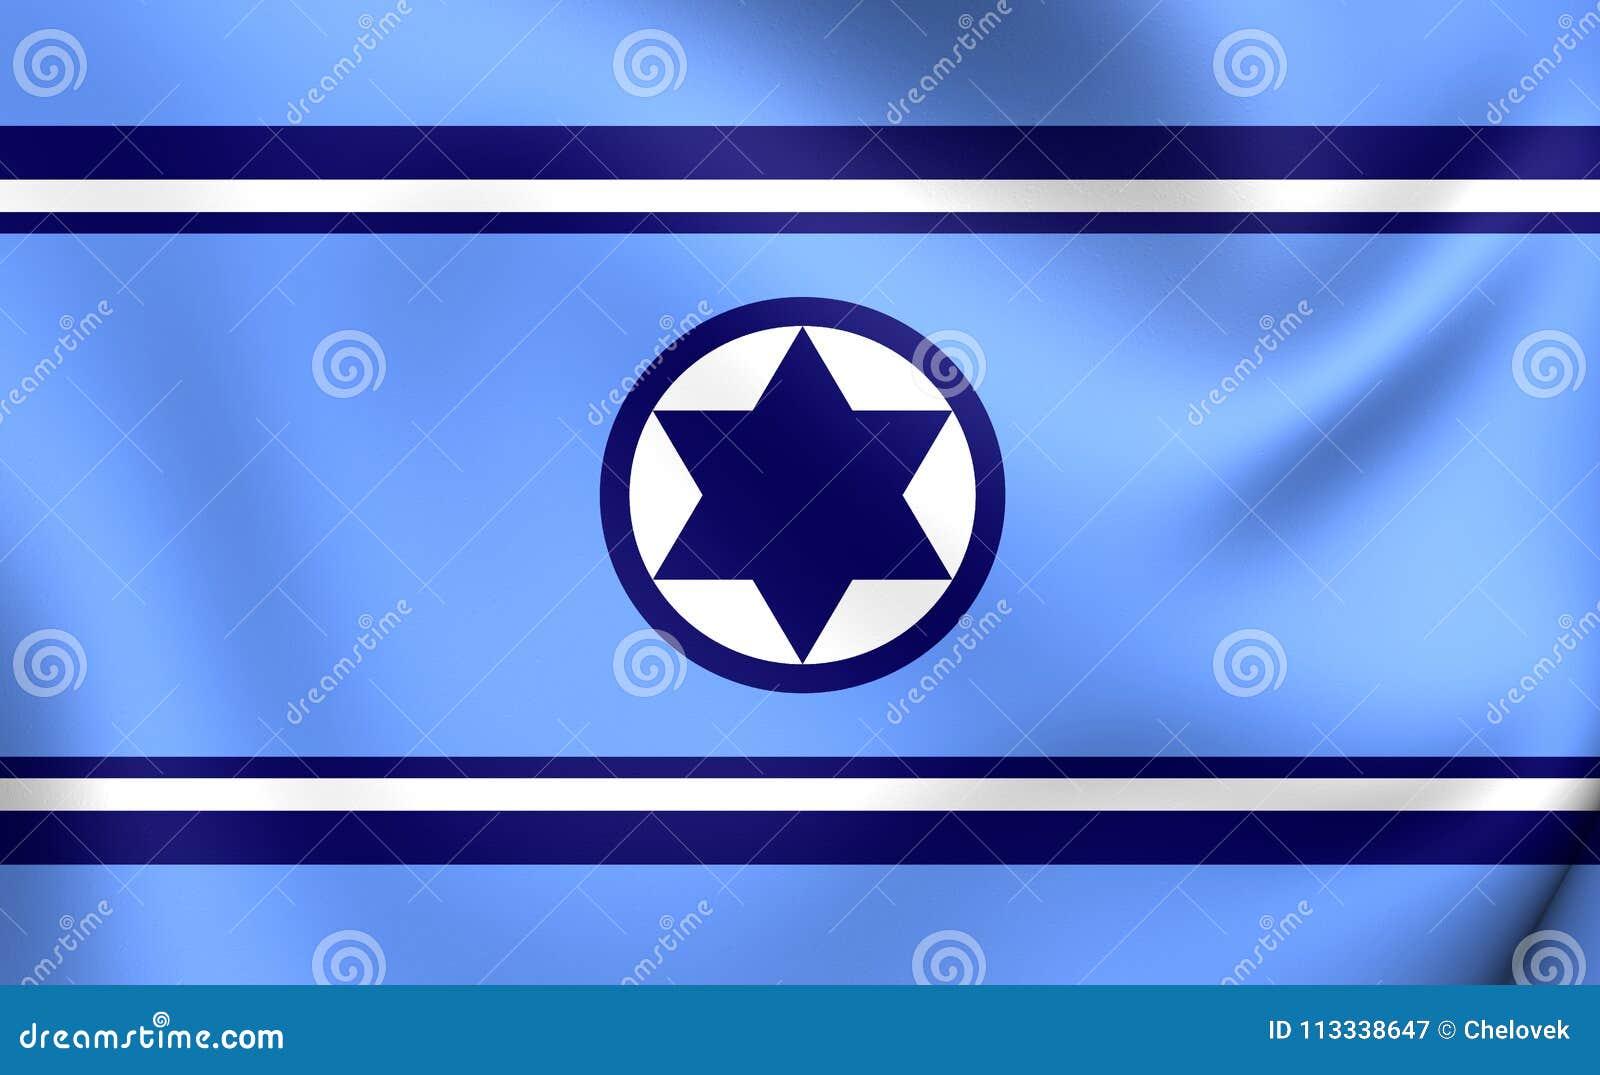 Flagge der israelischen Armee